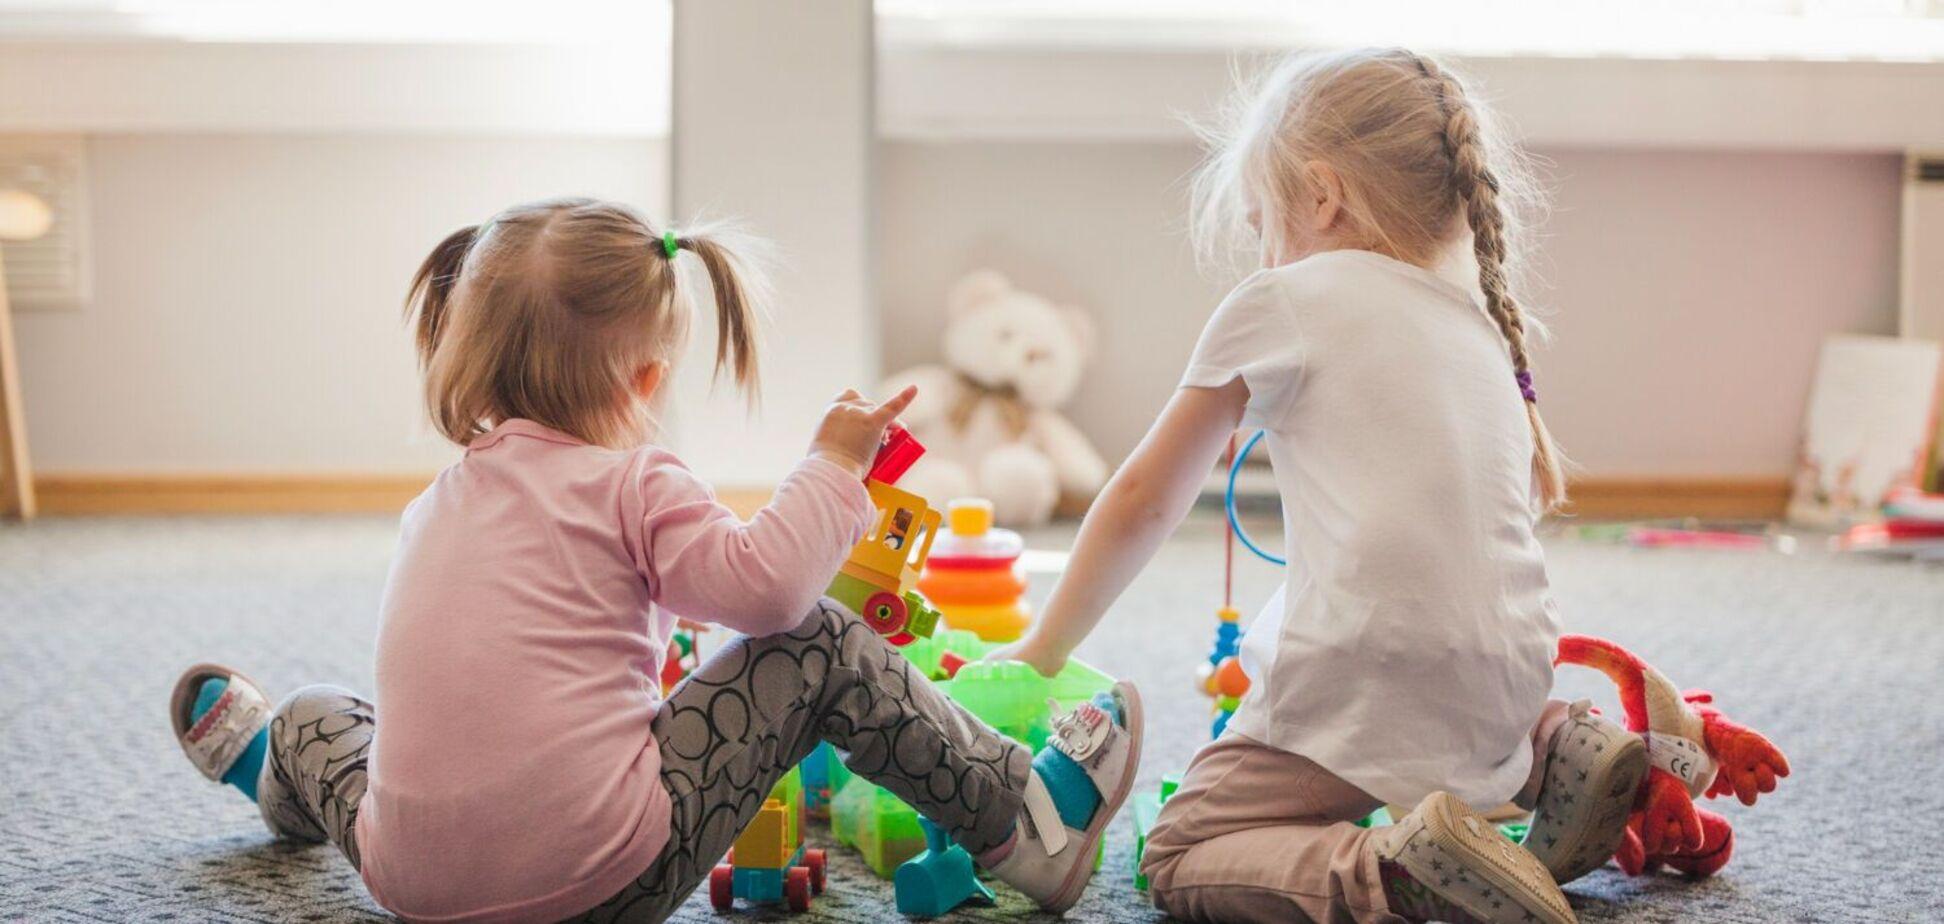 Люди говорят, что детсад в доме - это шумно и небезопасно для детей. Иллюстрация